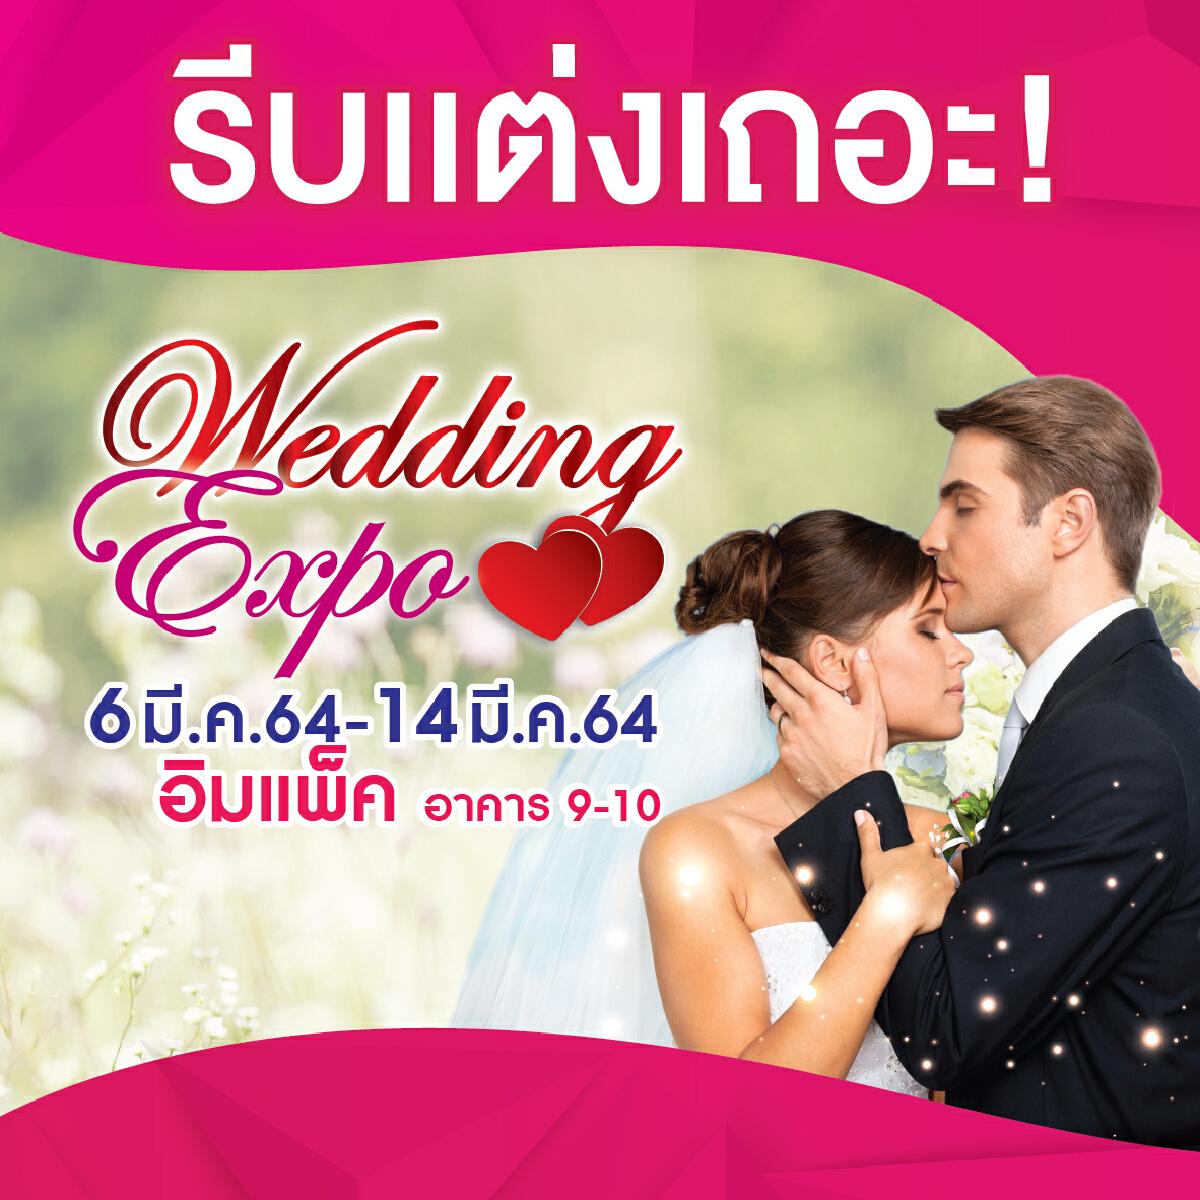 จะแต่งงานฟังทางนี้! 8สตูดิโอวิวาห์-ยูเนี่ยนแพนจัดงาน Wedding Expo